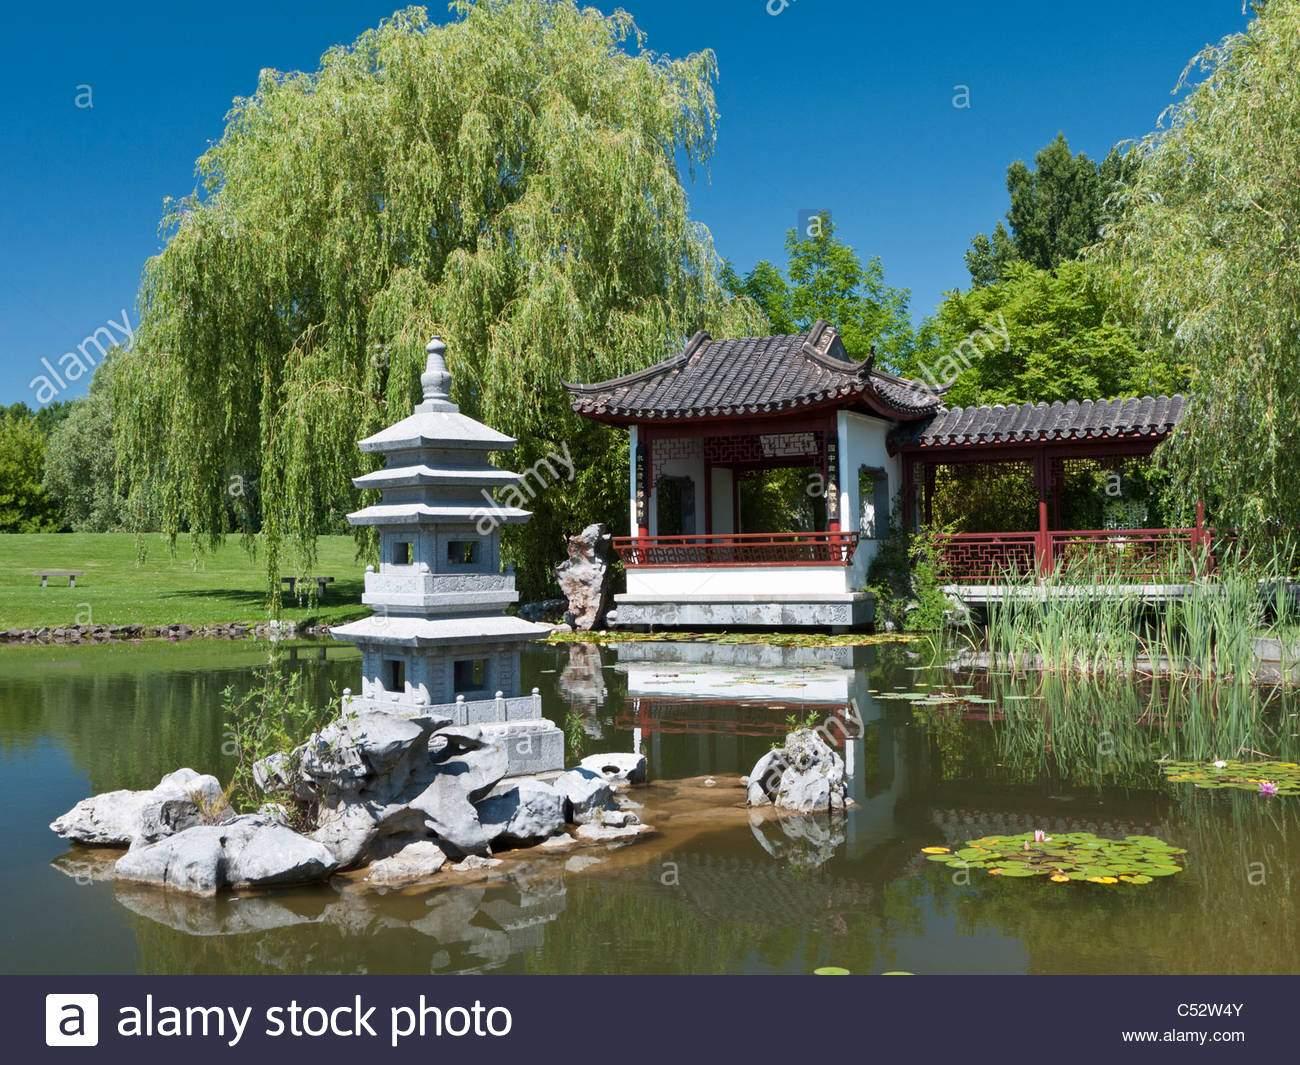 Gärten Der Welt Berlin Reizend Der Tee Pavillon Auf Der Chinesische Garten Der Garten Der